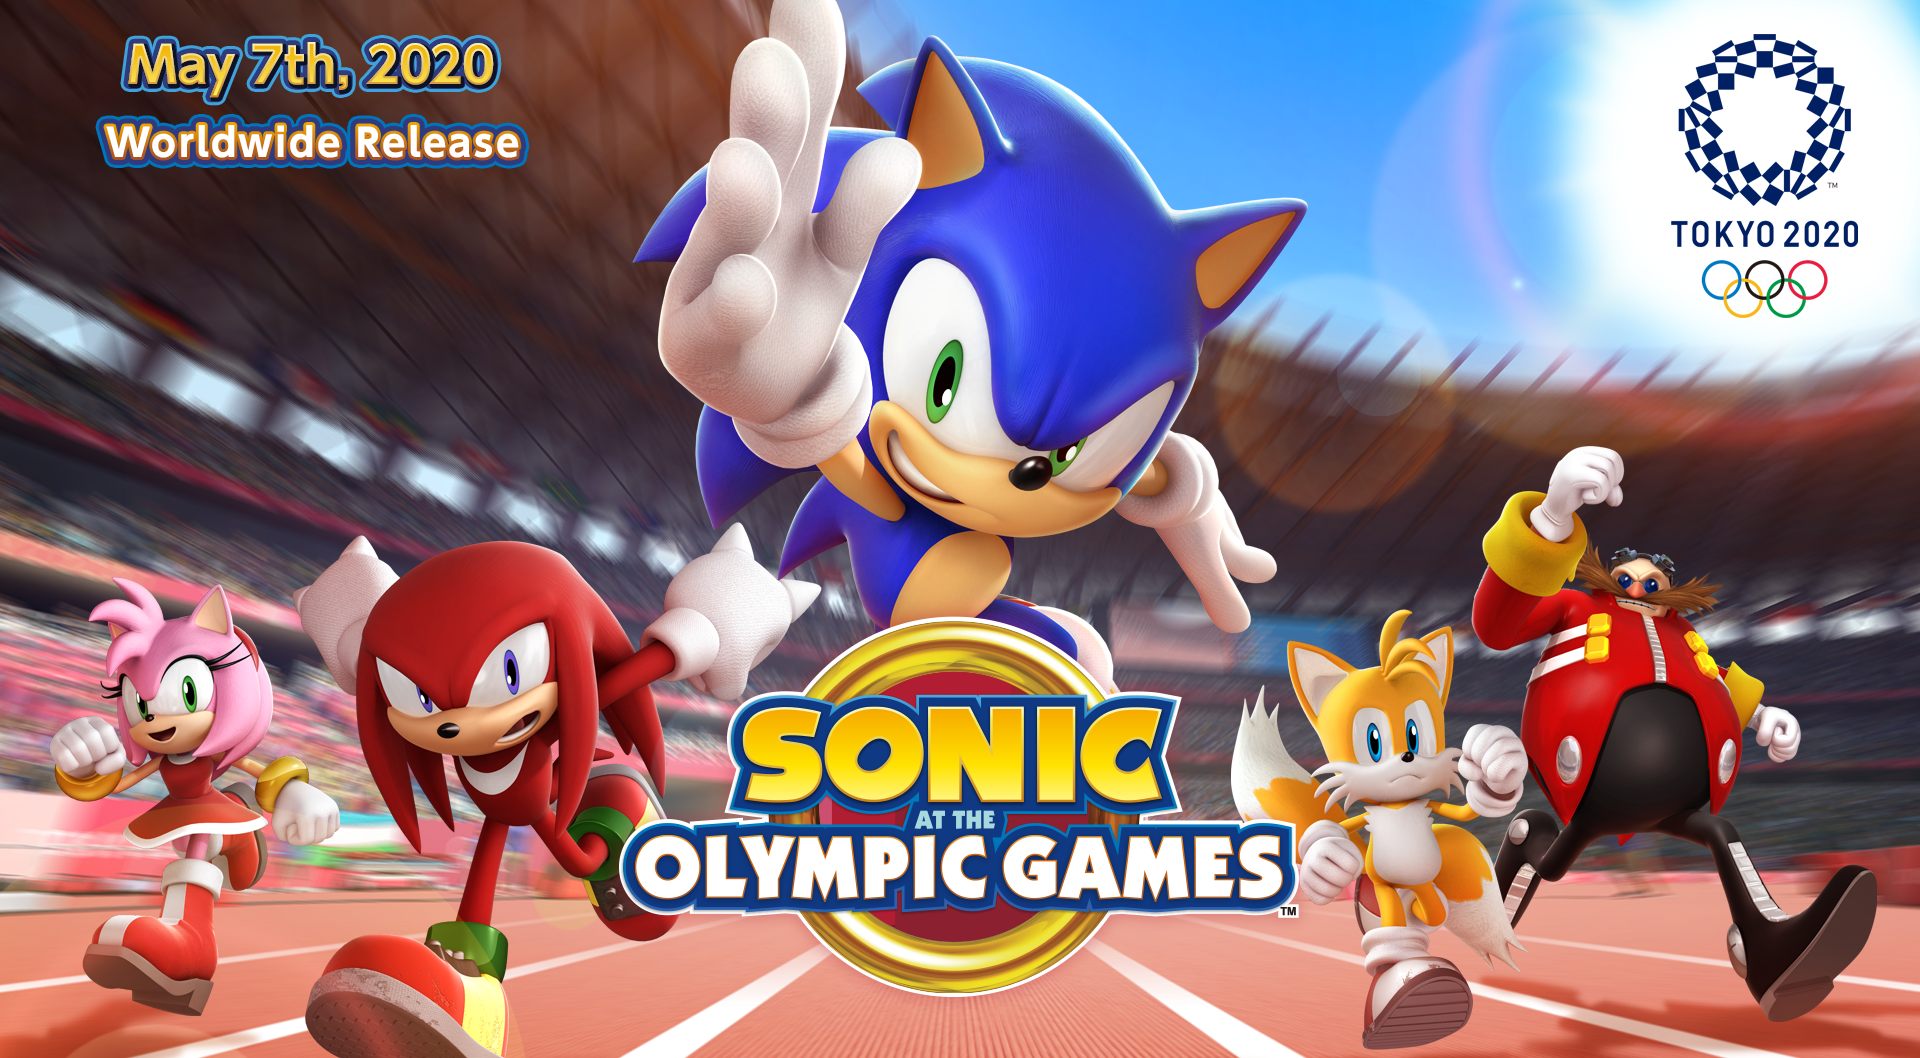 لعبة Sonic at the Olympic Games – Tokyo 2020 متاحة الآن للتسجيل المسبق